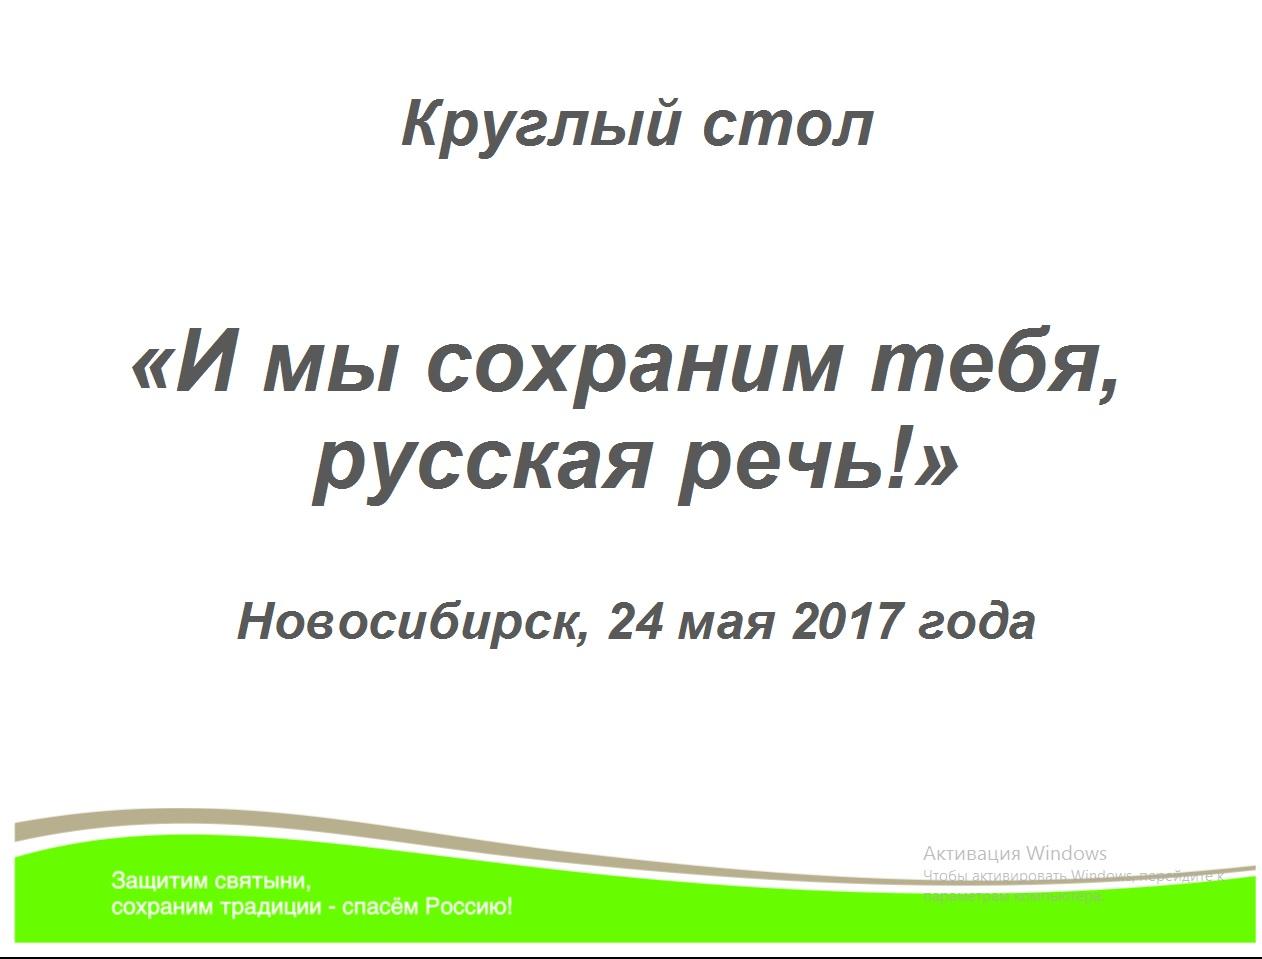 Новосибирск. Круглый стол «И мы сохраним тебя, русская речь!» (24.05.17)